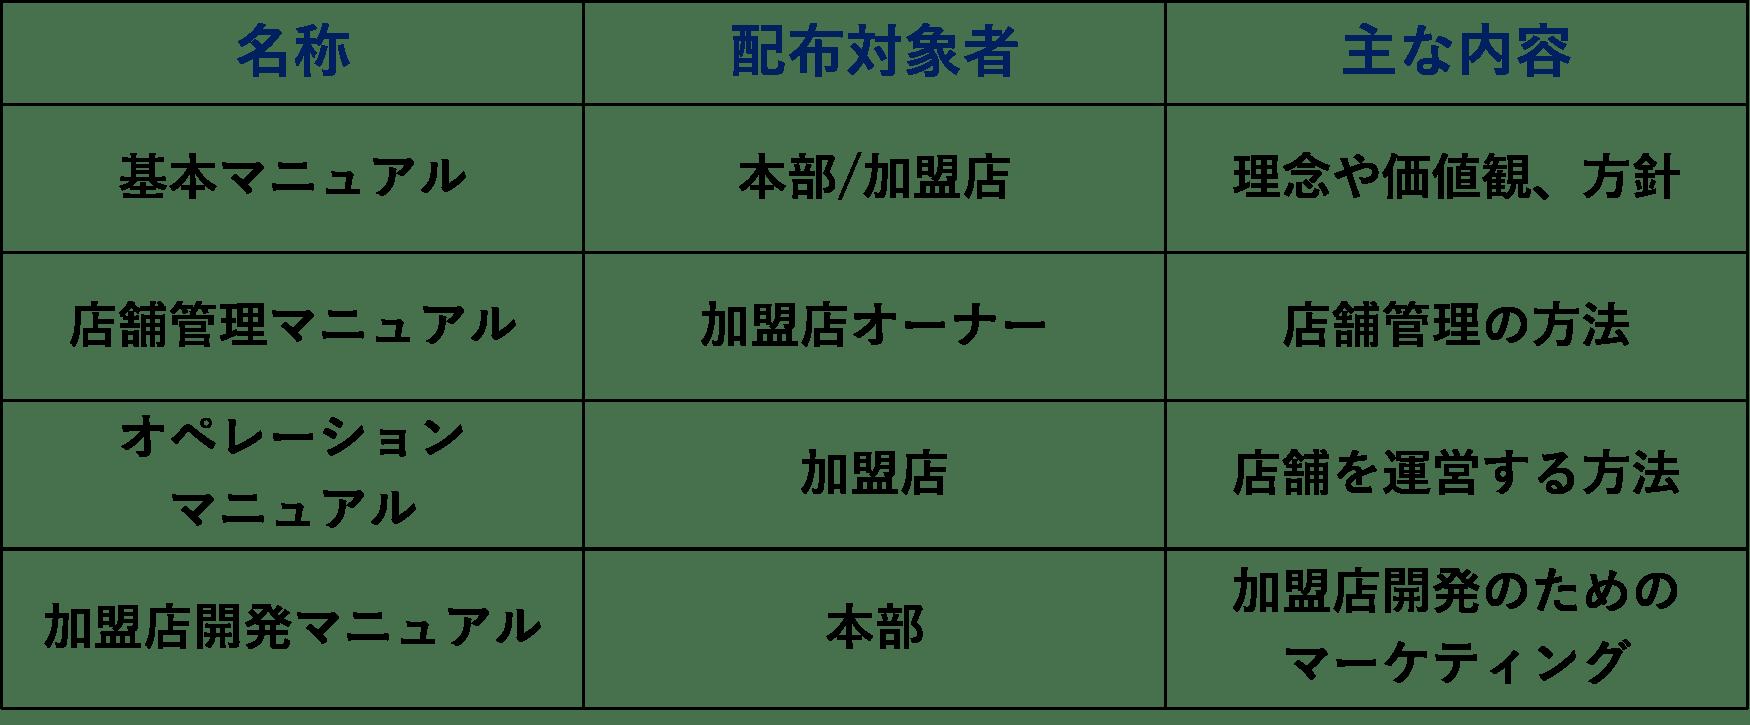 マニュアルの種類例(仕組み経営の資料から抜粋)